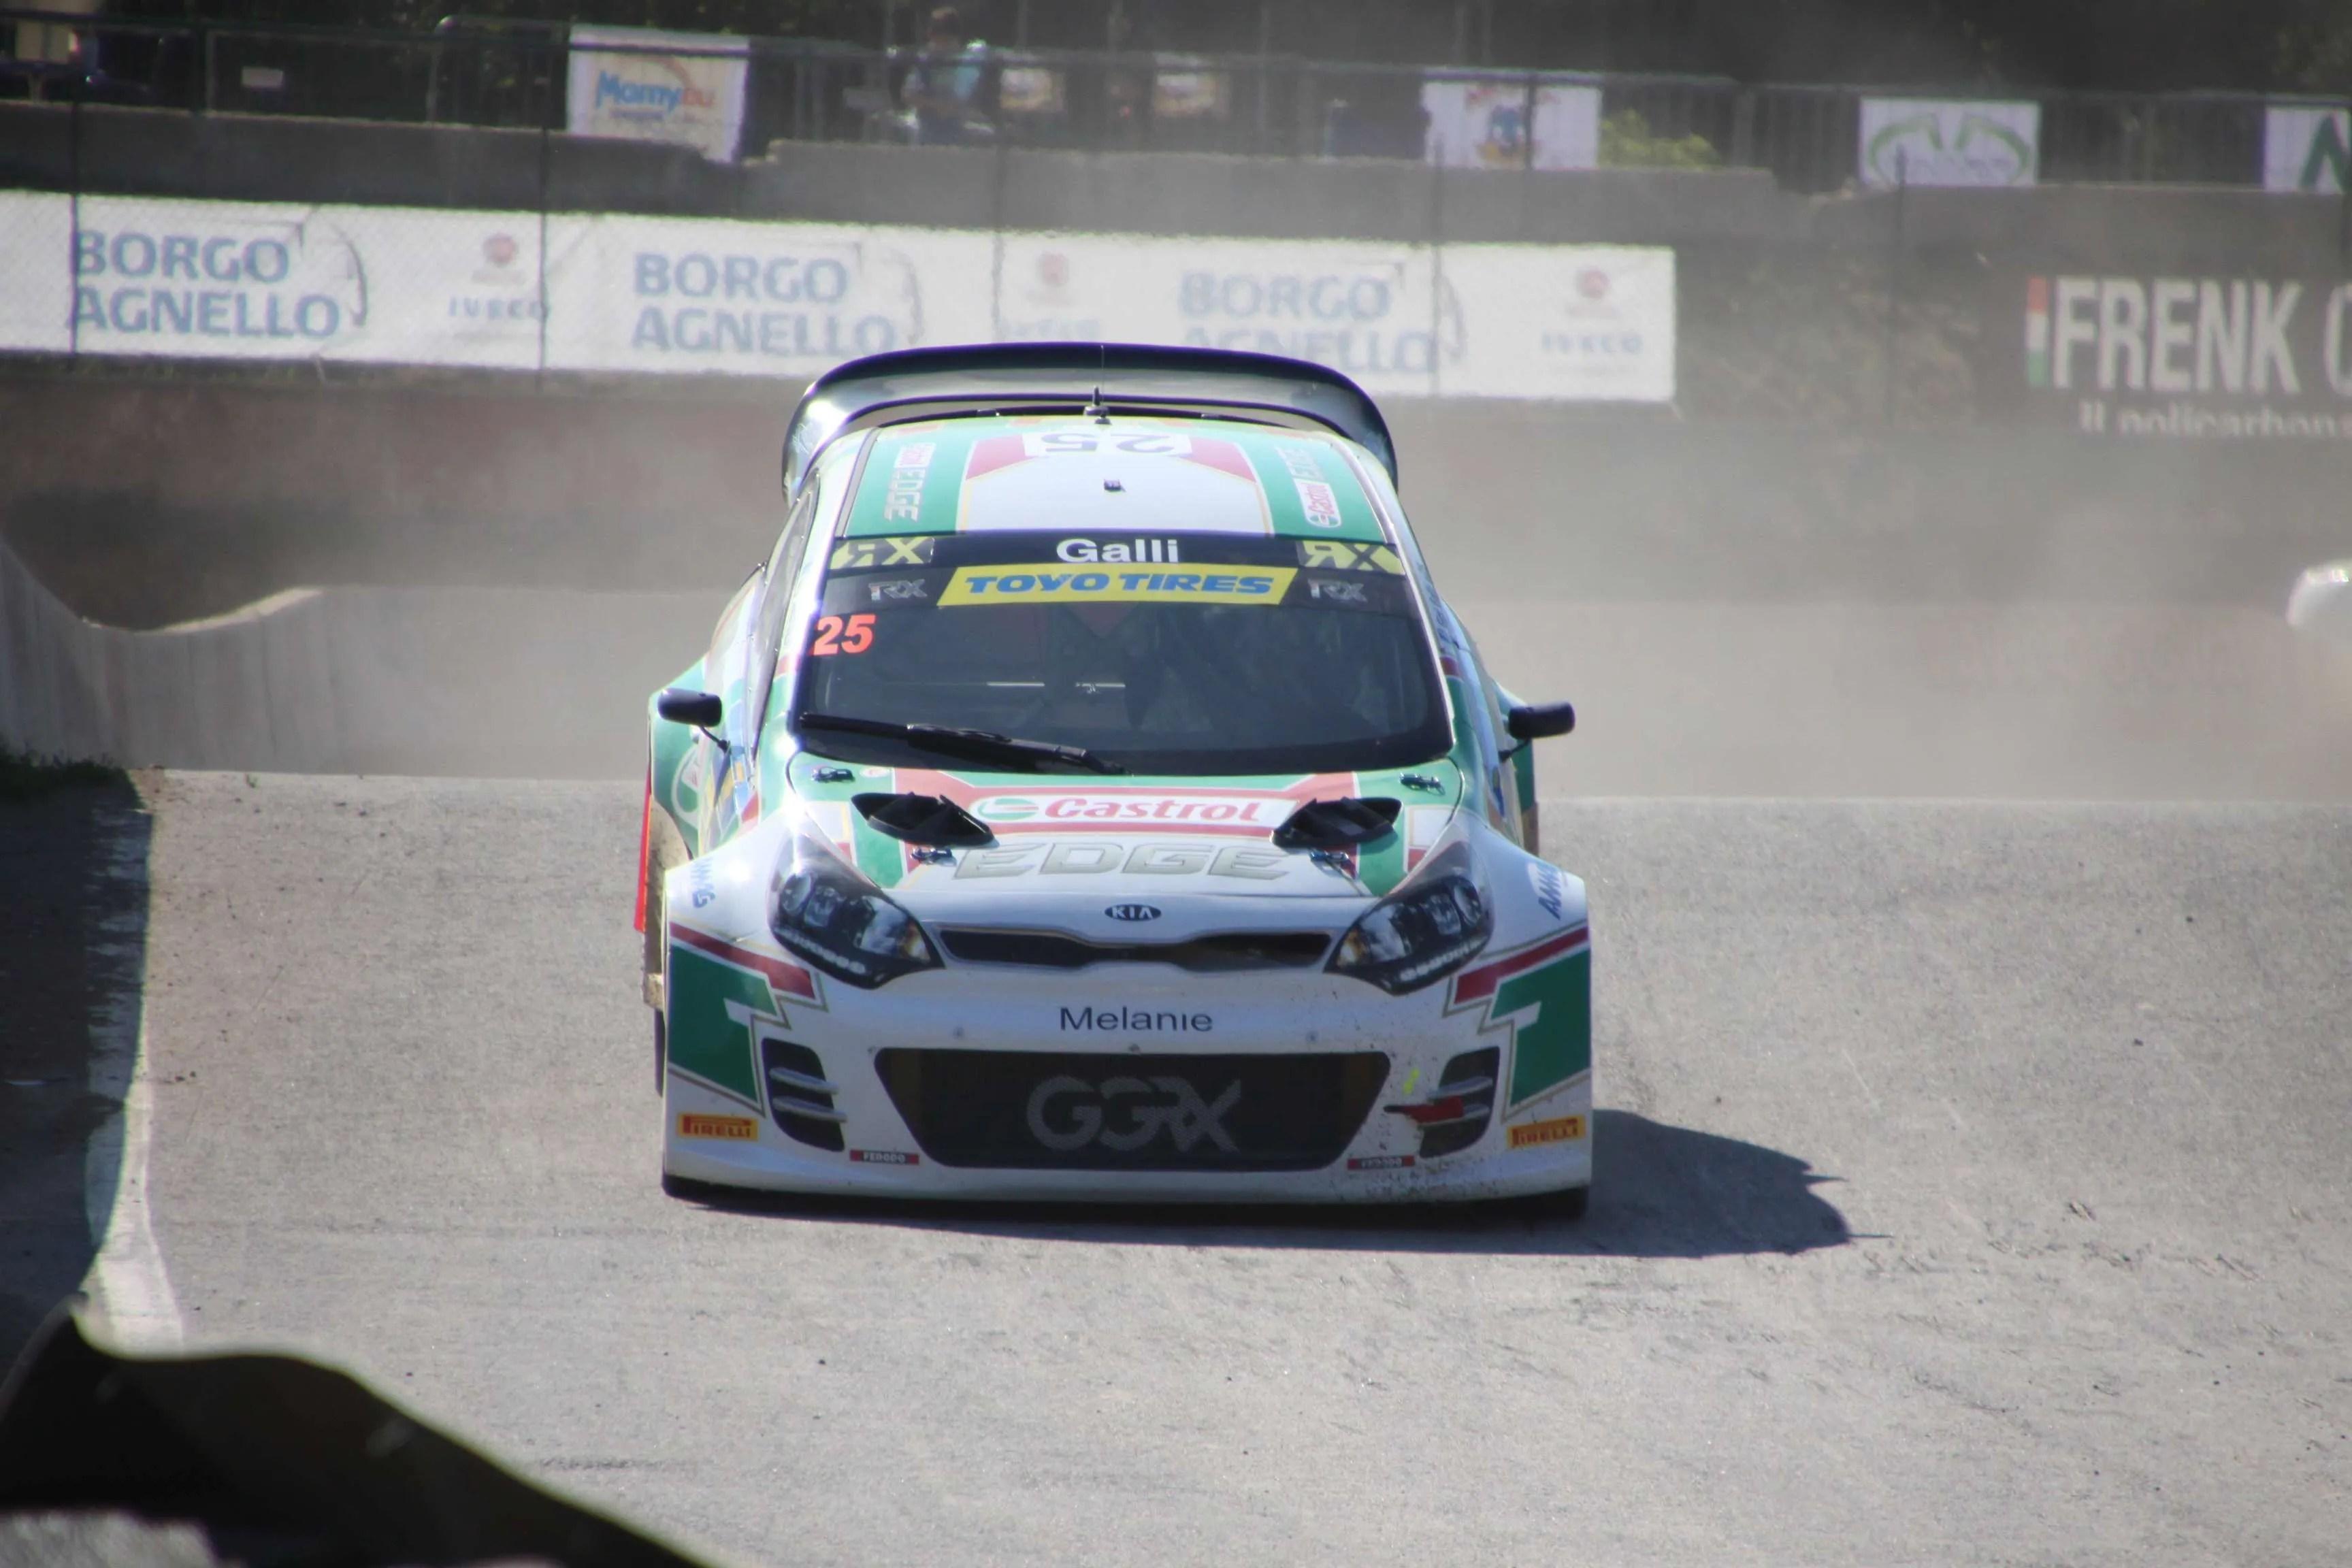 Campionato Italiano RX: un Round 5 tutto da vivere!